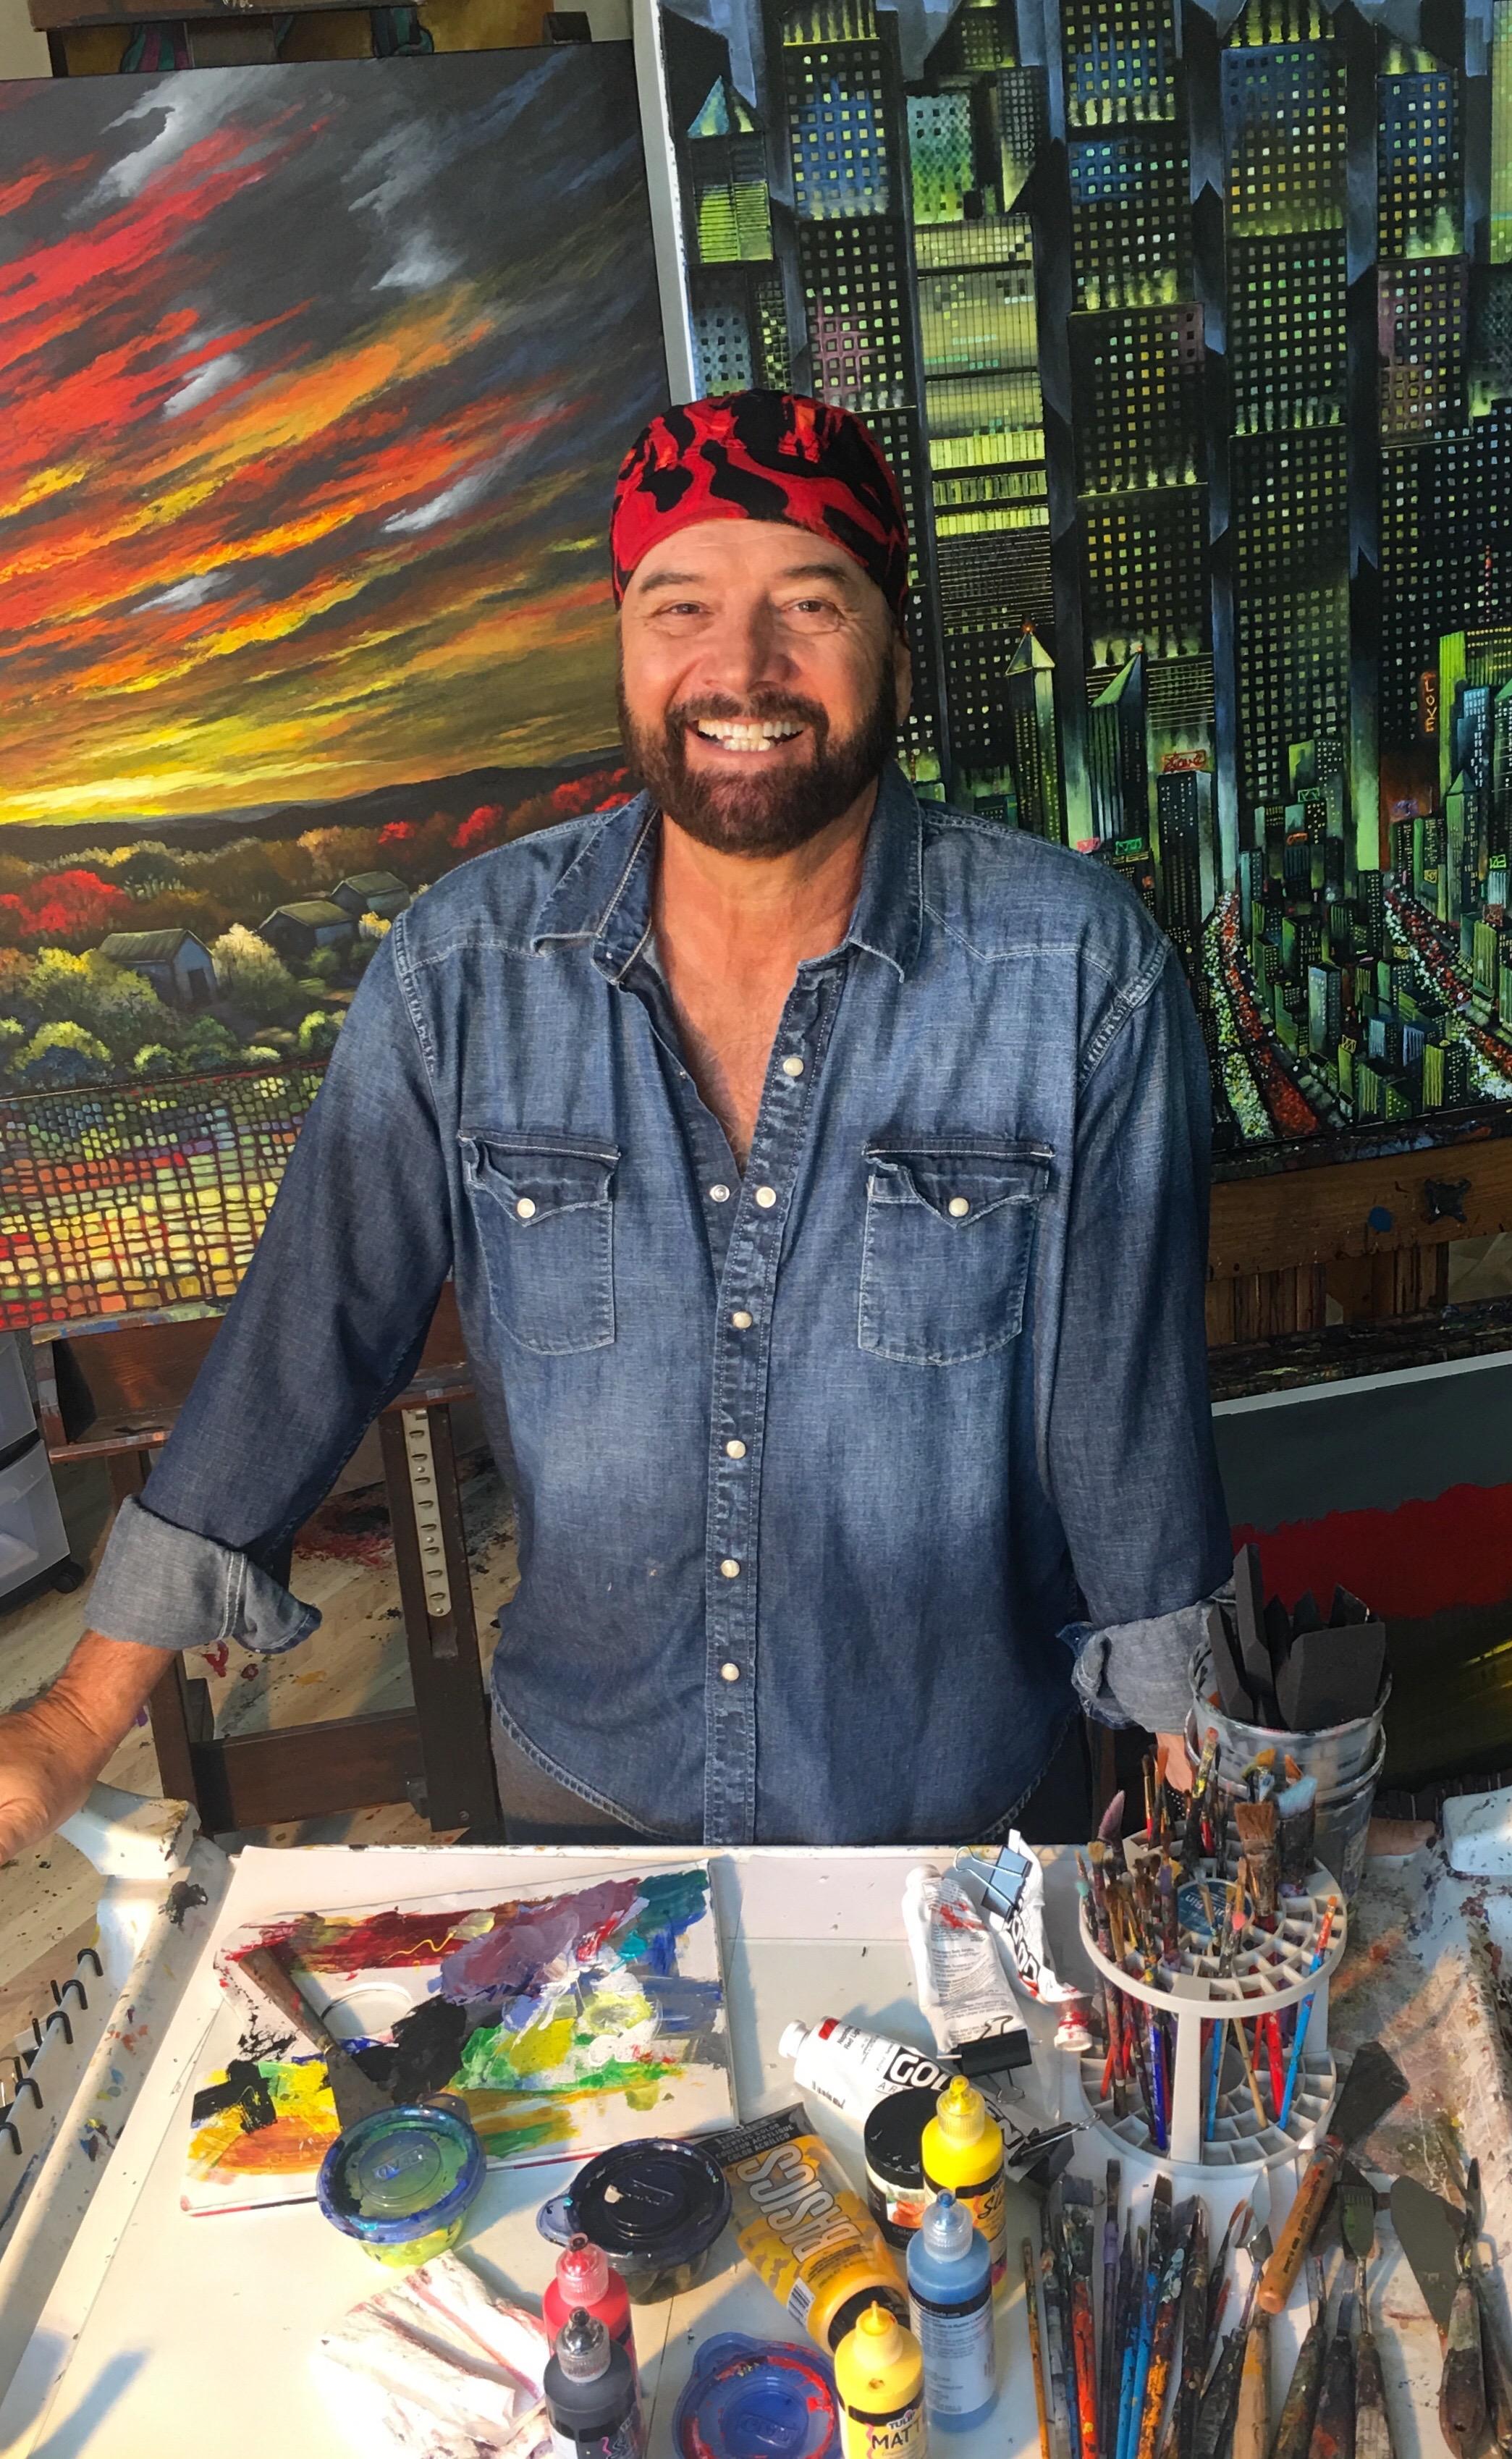 Ford Smith Smiling in Studio PR photo (1).jpg